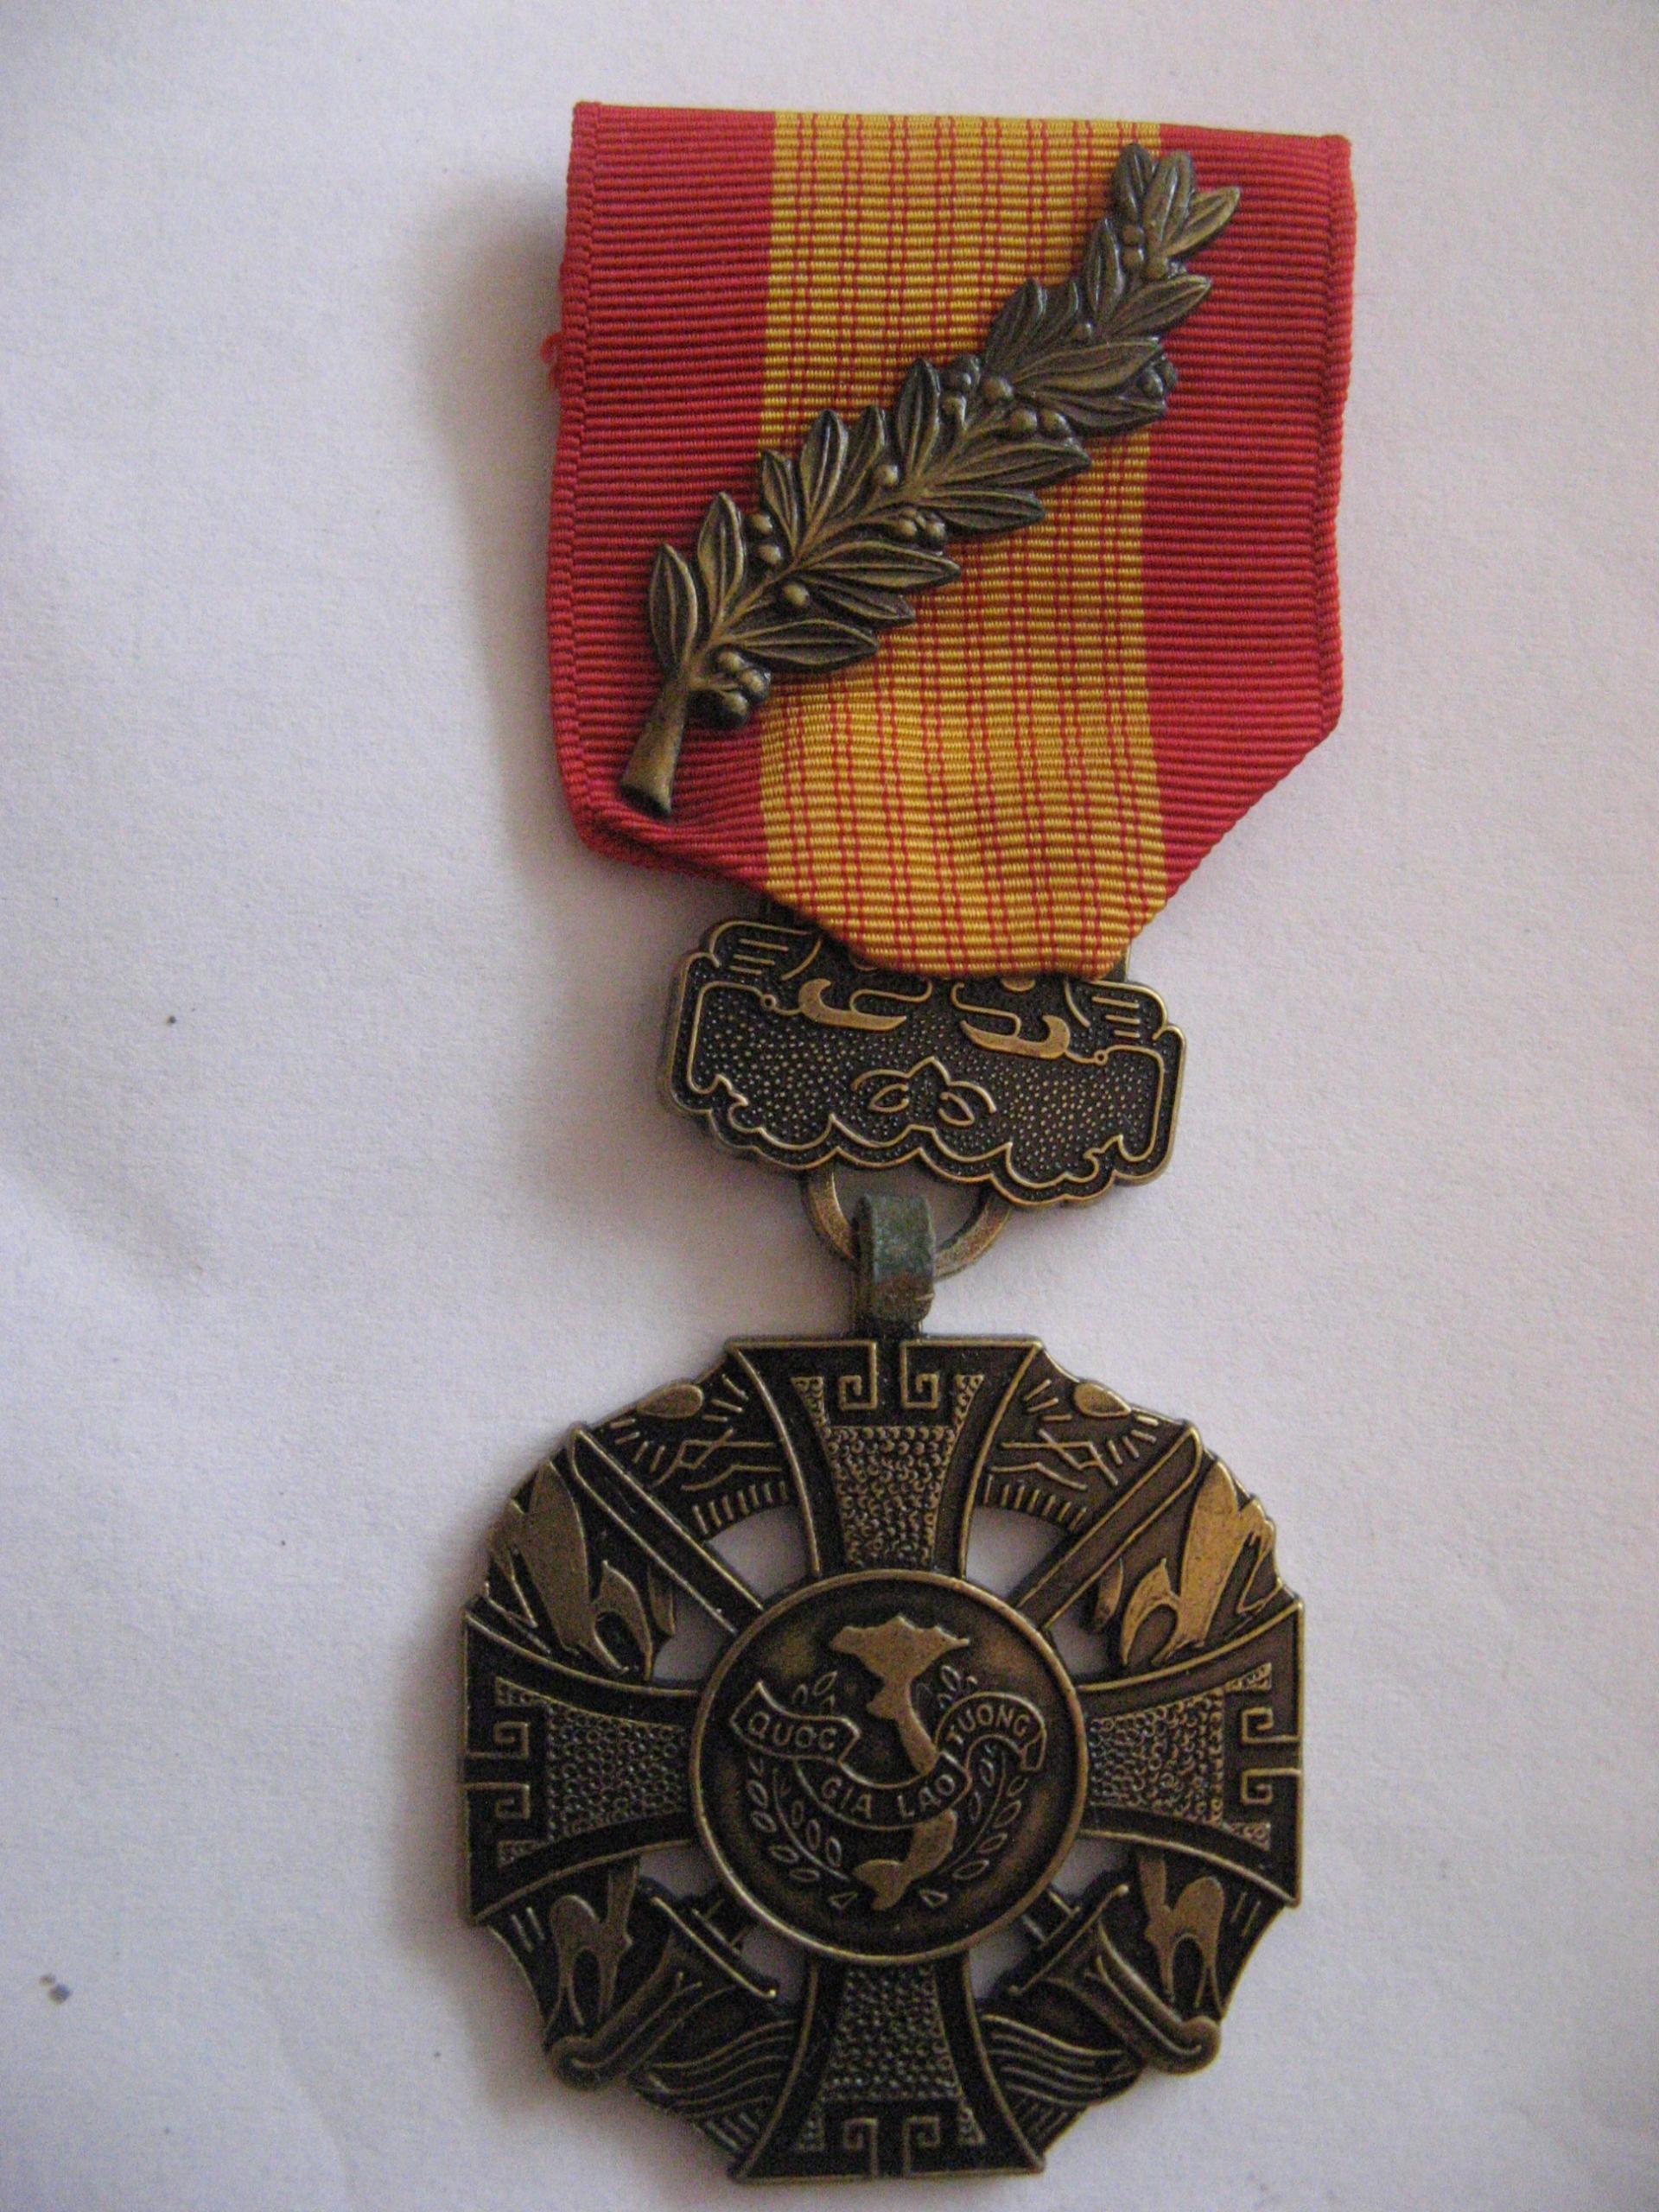 Odznaczenie Wietnam.Płd.Krzyż Walecznym z palmami